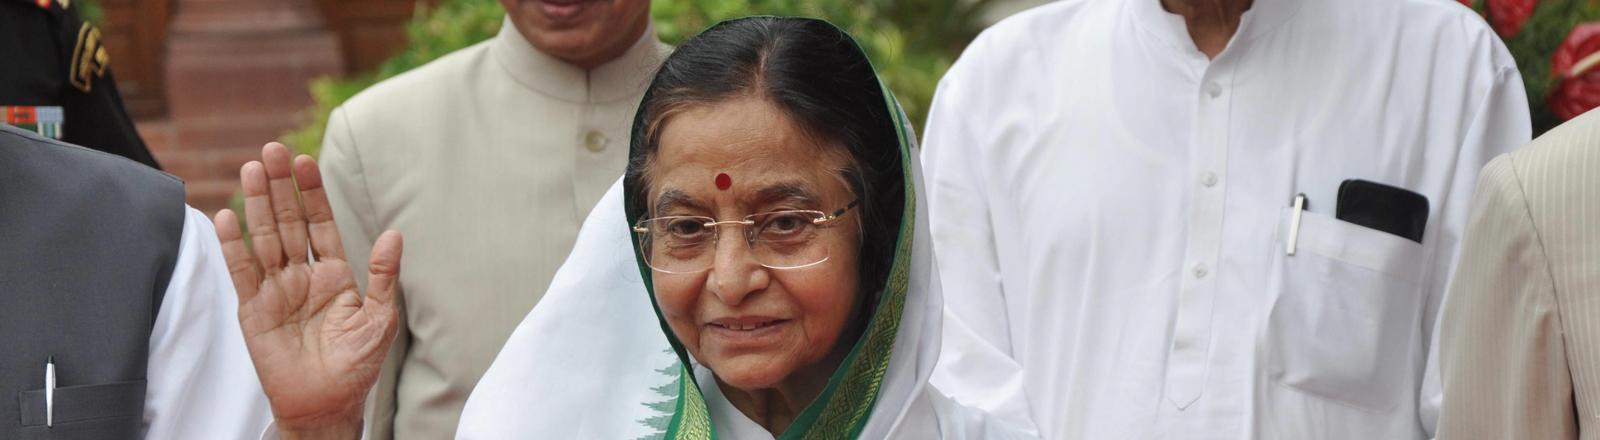 Pratibha Patil im indischen Parlament in Dehli am 23.07.2012.